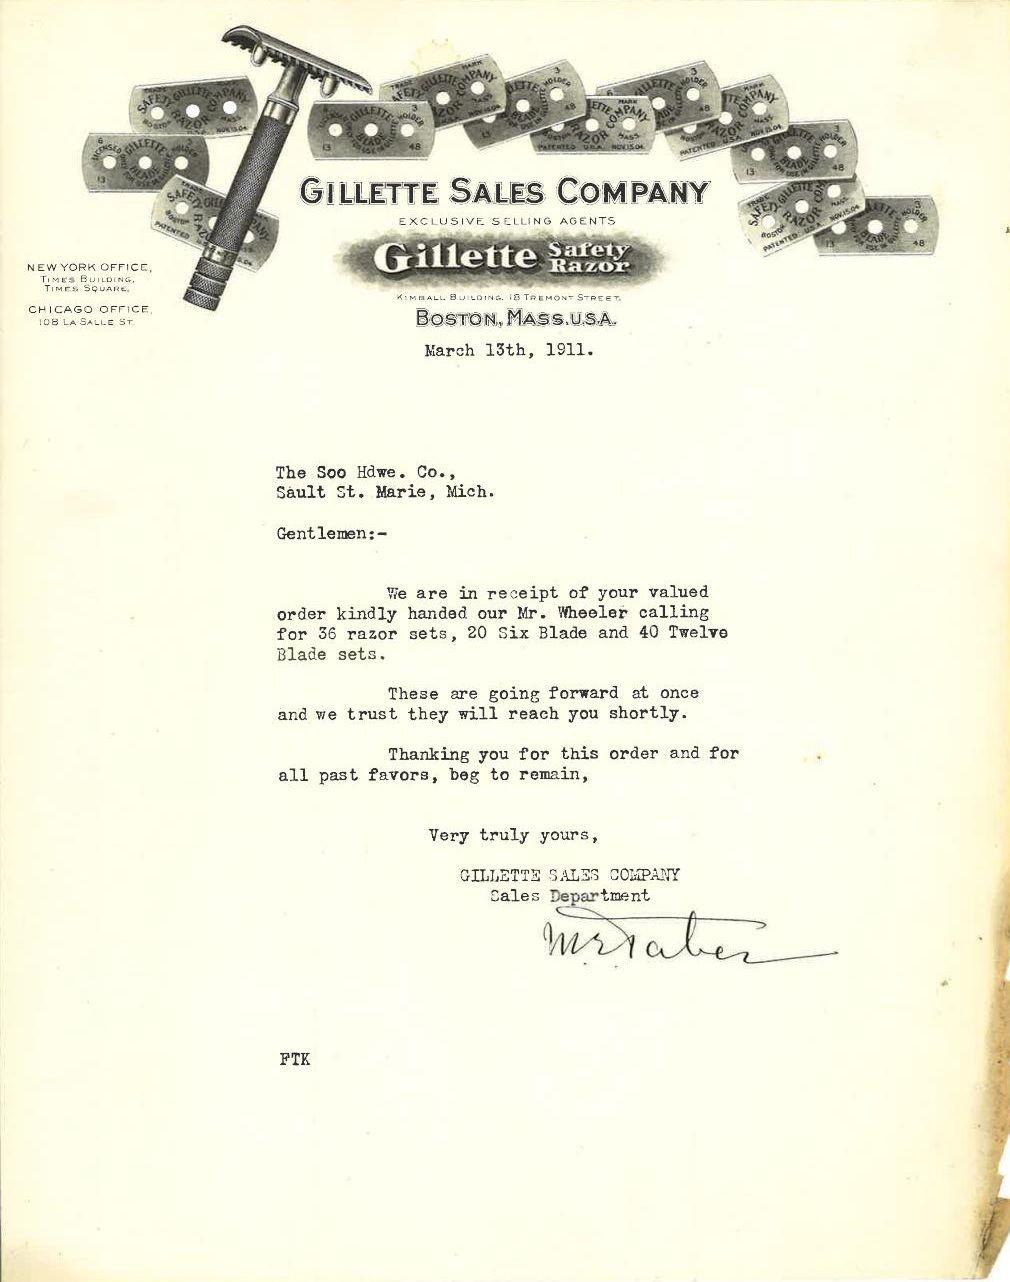 Gillette Sales Company Letterhead Sales Receipt  Wet Shaving